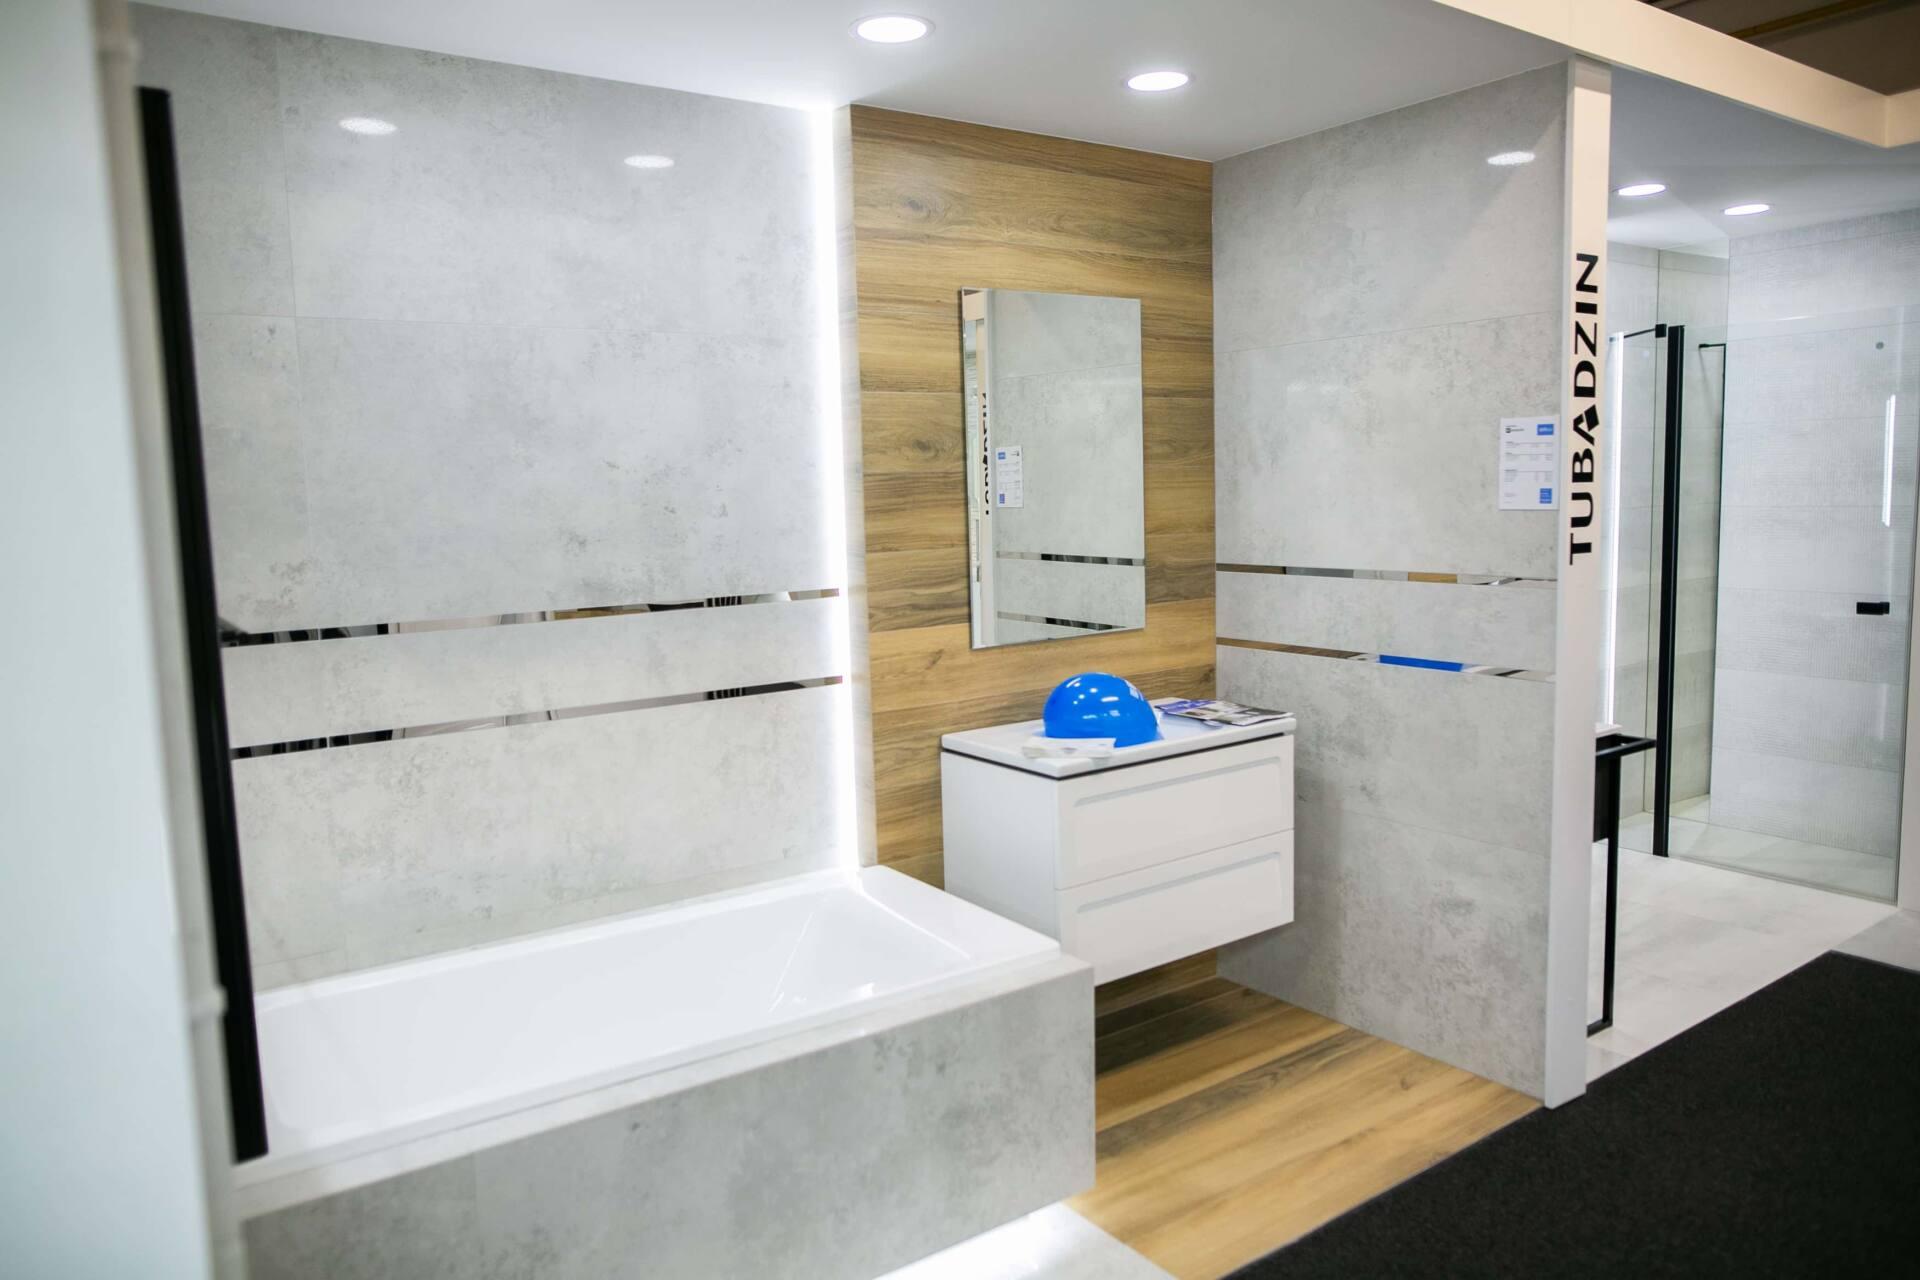 5db 5572 Salon BLU: na ponad 500 m2., 36 łazienkowych aranżacji i bogata ekspozycja wyposażenia (zdjęcia)